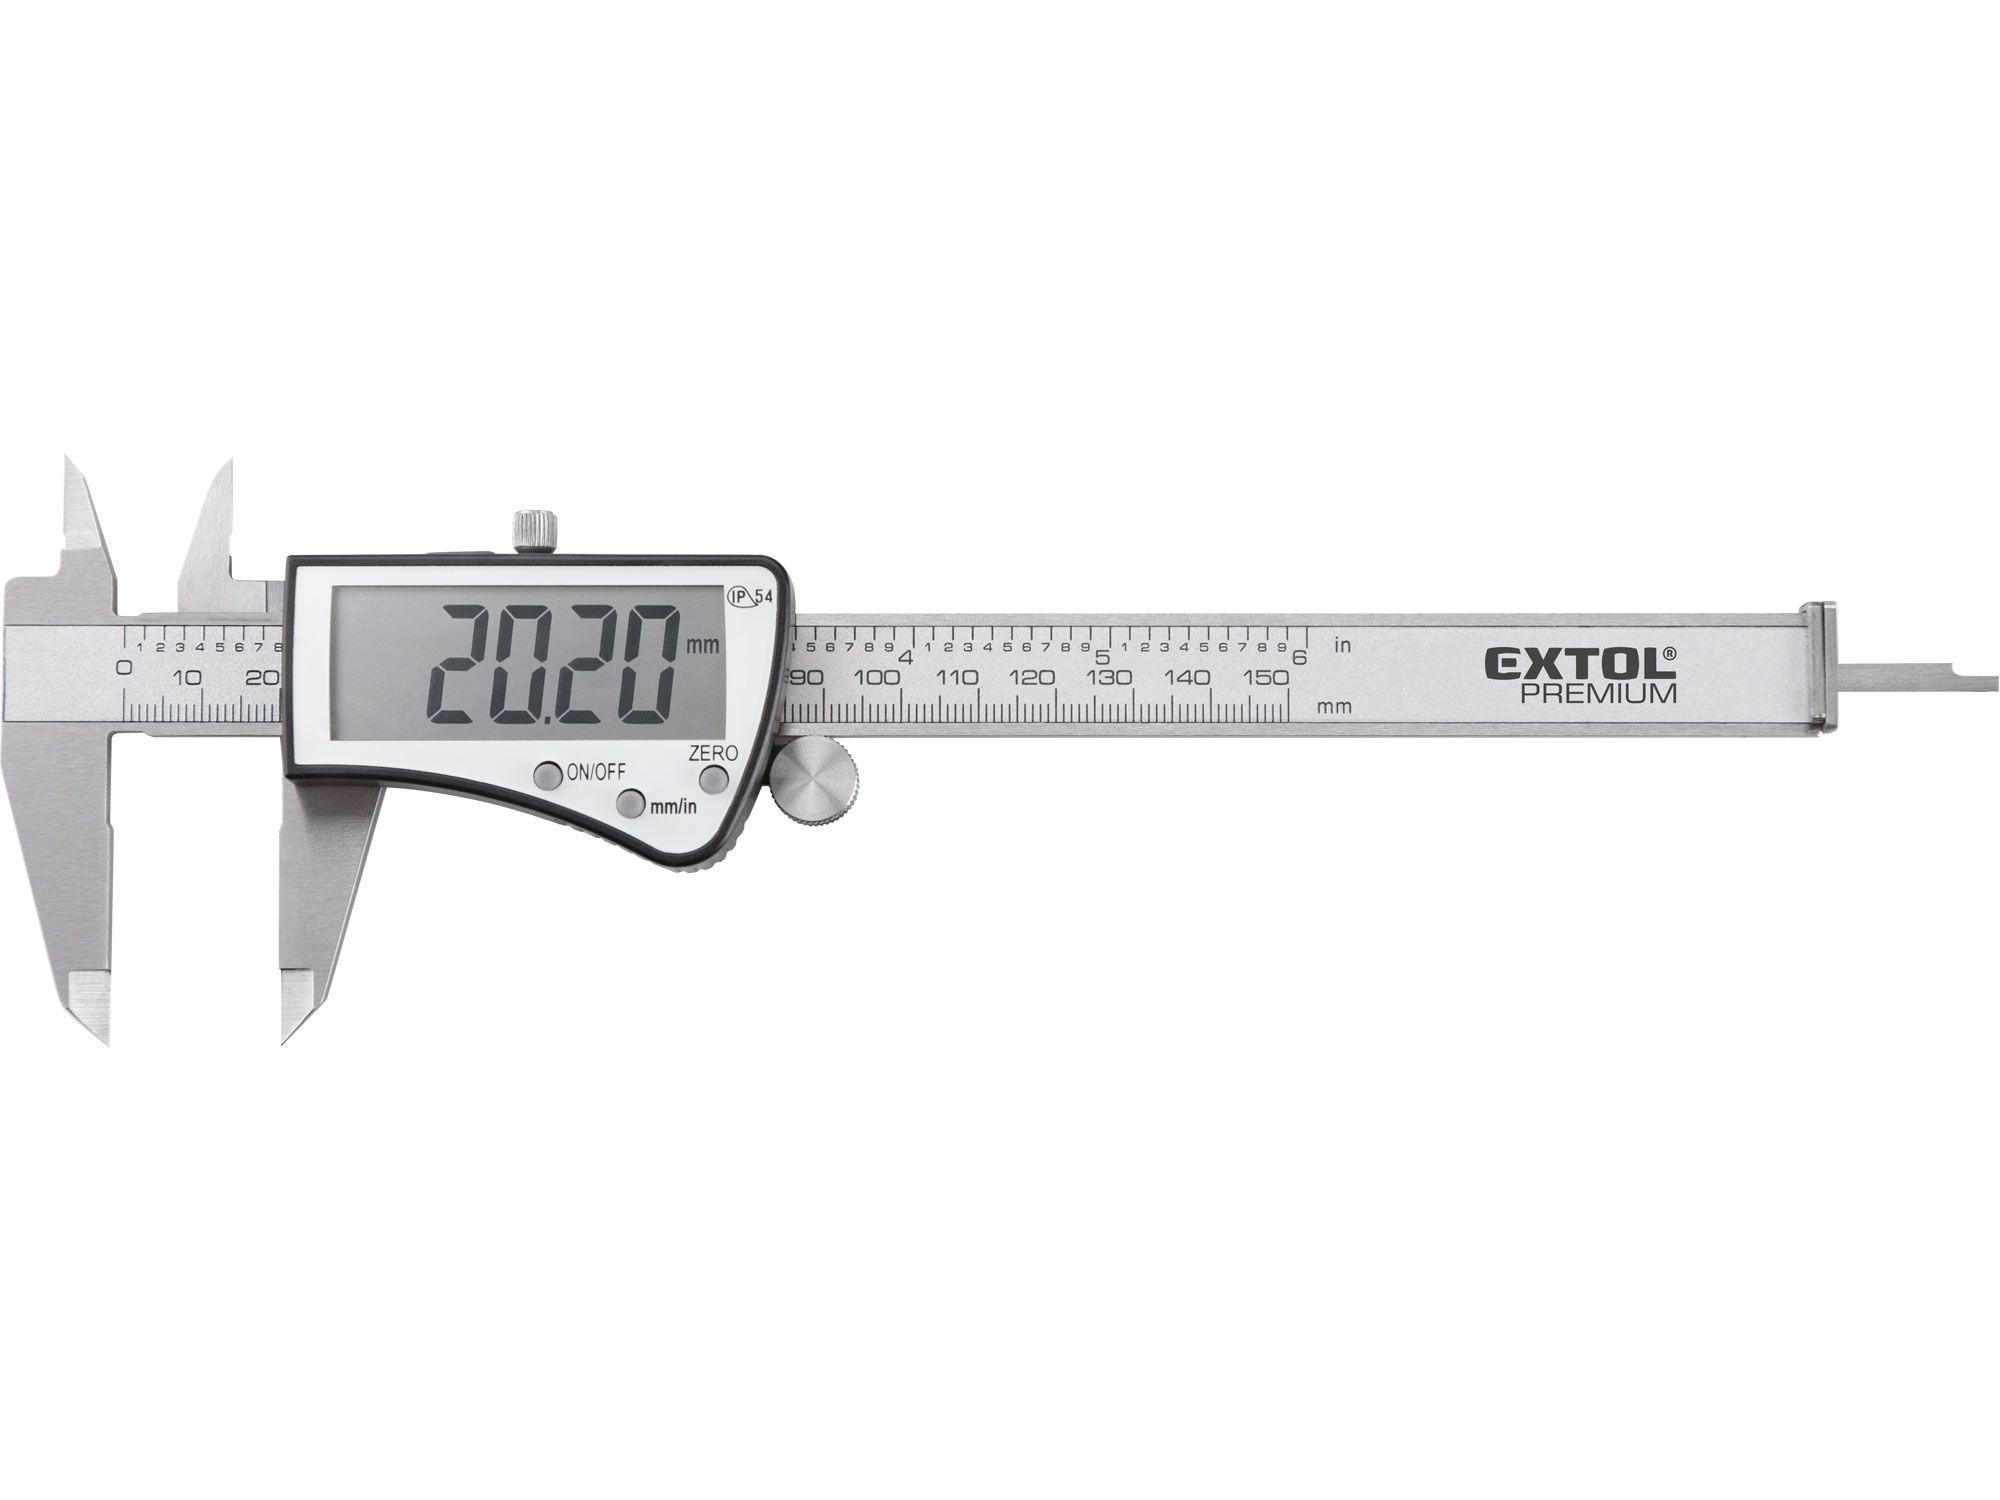 Měřítko posuvné digitální nerez, 0-150mm, IP54 EXTOL-PREMIUM